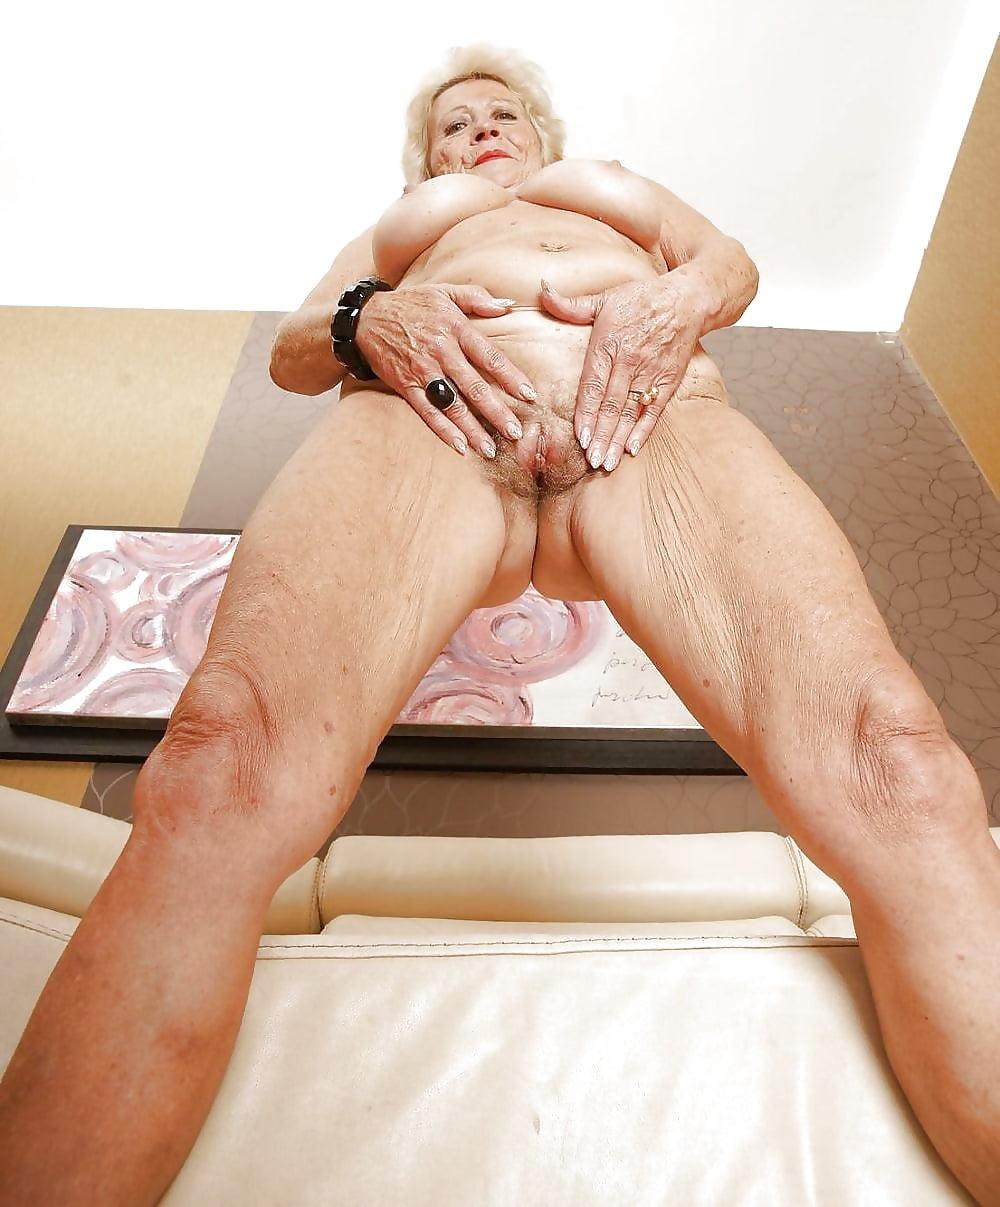 Порно фото старушки присланные #4